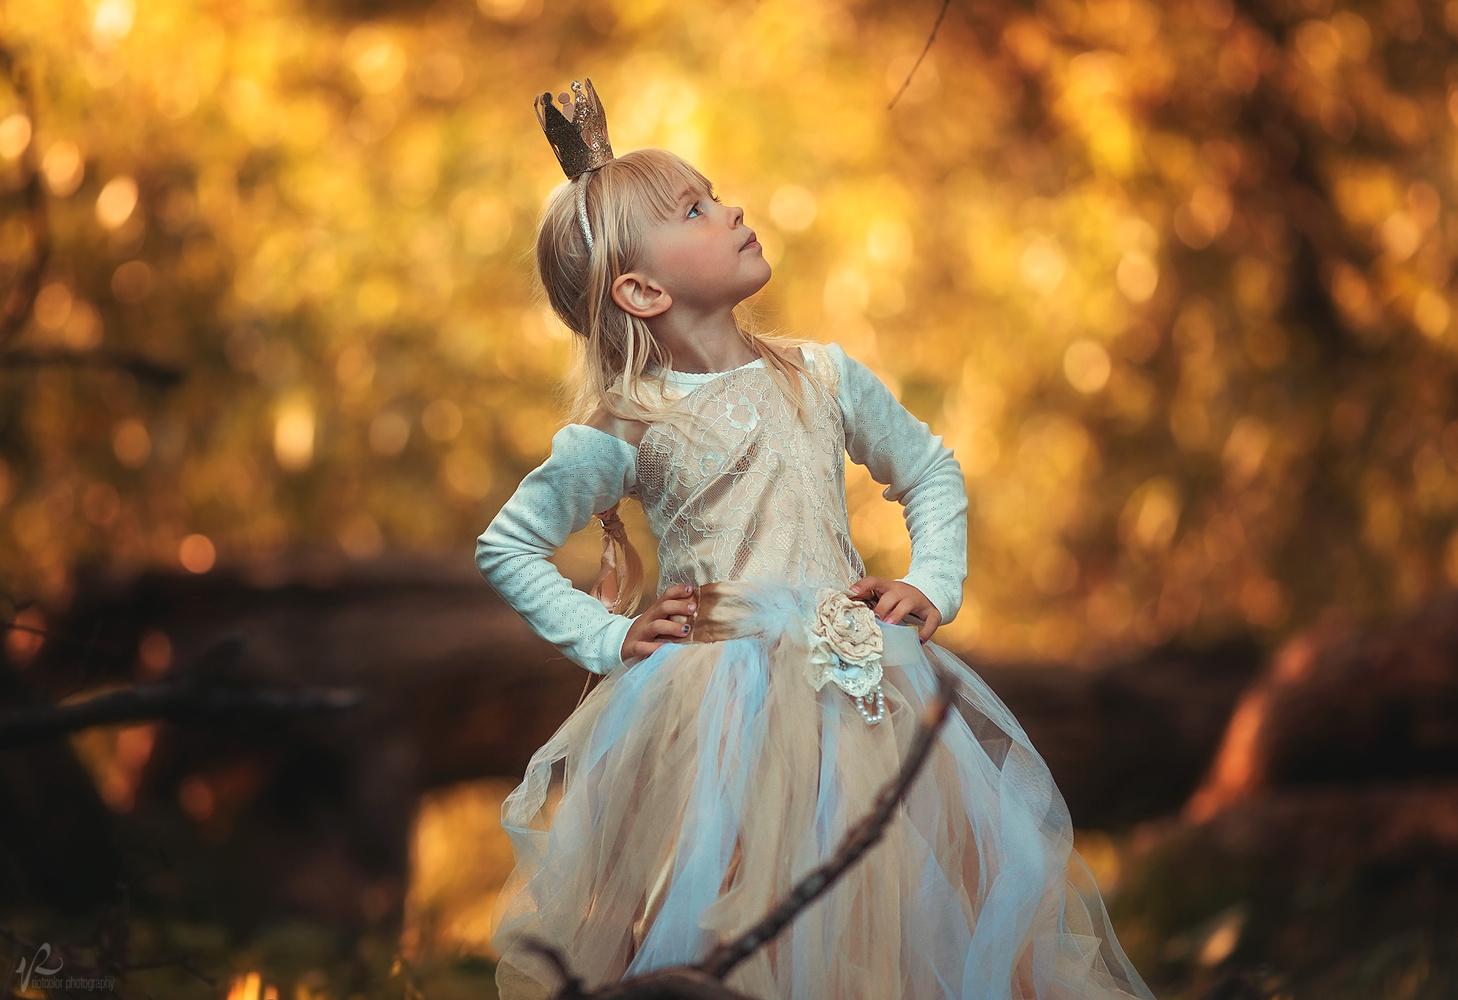 Sassy princess by Heikki M